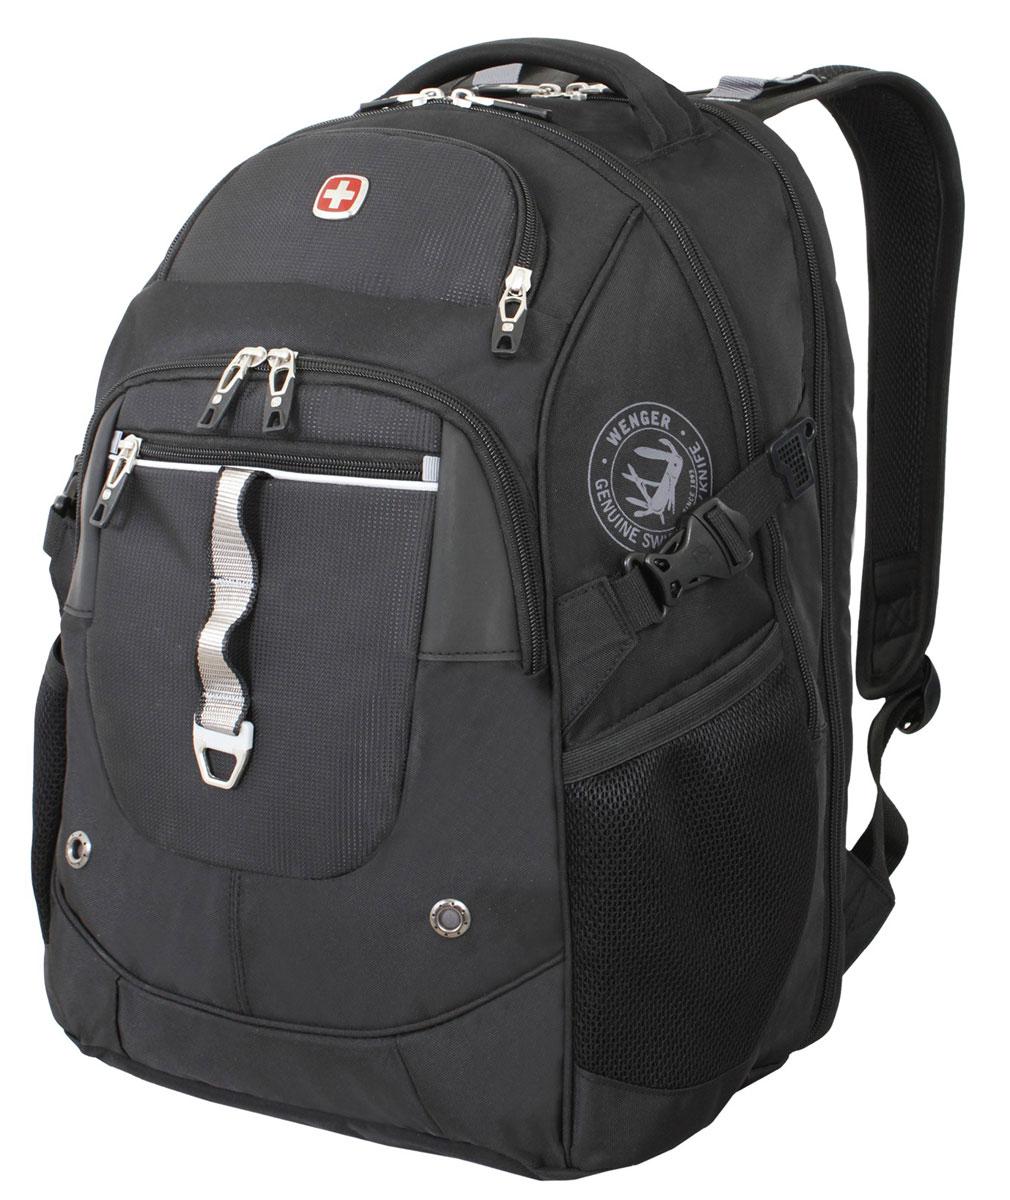 Рюкзак городской Wenger, цвет: черный, серебристый, 34 см x 22 см x 46 см, 34 л95936-911Высококачественный и стильный, надежный и удобный, а главное прочный рюкзак Wenger. Благодаря многофункциональности данный рюкзак позволяет удобно и легко укладывать свои вещи.Особенности рюкзака:2 внешних кармана на молнии. 2 внешних сетчатых кармана для бутылок с водой. Большое основное отделение. Внешний карман для очечника на молнии. Внешнее металлическое кольцо. Внутренний карабин для ключей. Возможность крепления на чемодане. Карман-органайзер для мелких предметов. Карман для планшетного компьютера с диагональю до 38 см. Металлические застежки молний с пластиковыми вставками. Мягкая ручка для переноски. Отделение на липучке для ноутбука 15 с системой ScanSmart. Петля для очков. Регулируемые плечевые ремни Внутренний сетчатый карман на молнии для хранения аксессуаров ноутбука. Стягивающие ремни. Эргономичная спинка с системой циркуляции воздуха Airflow.